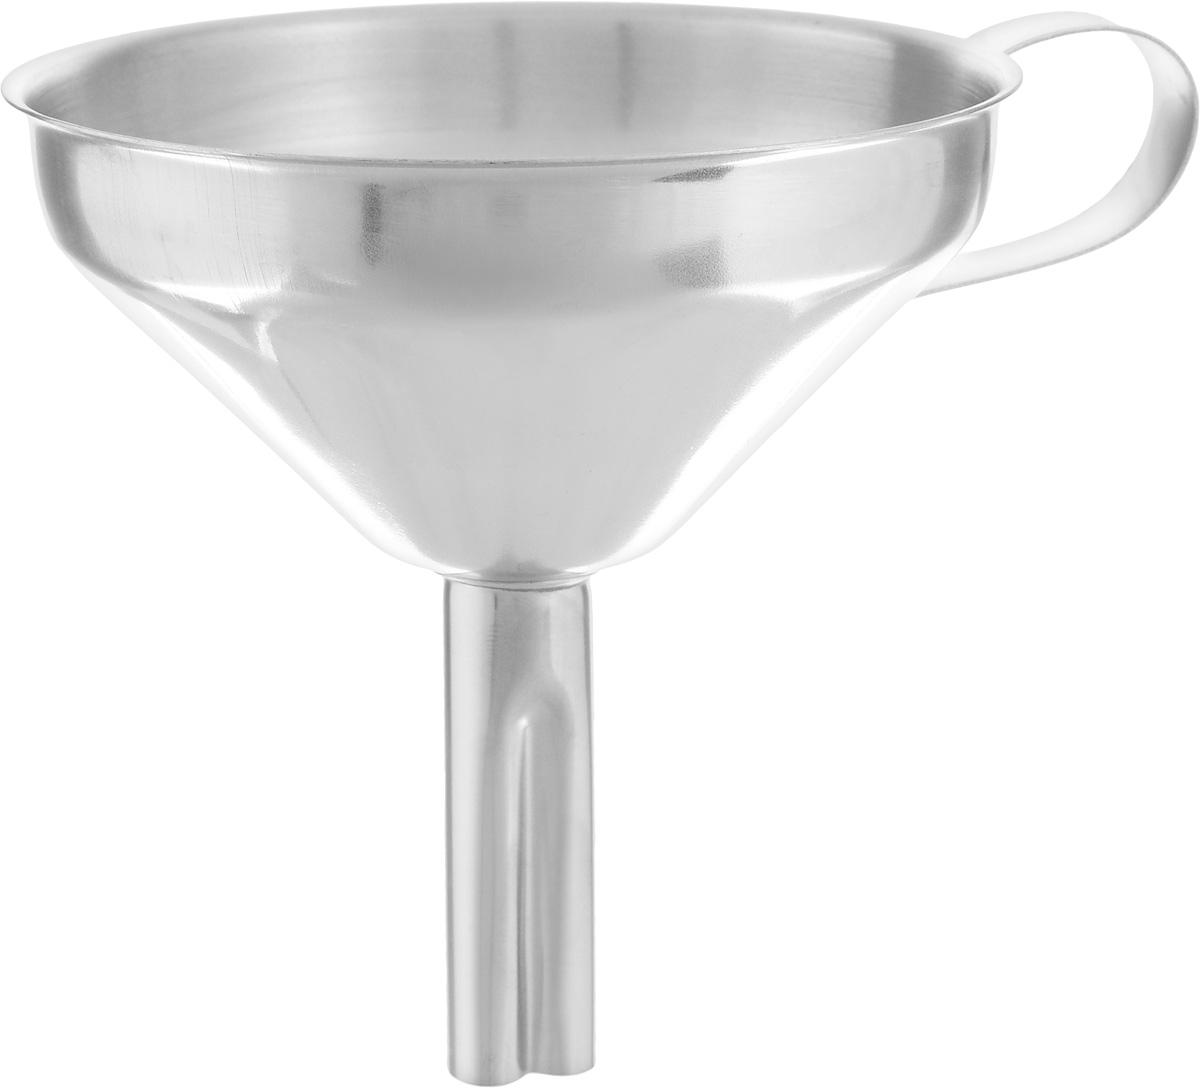 Воронка Axentia, диаметр 10 см290708Воронка Axentia изготовлена из нержавеющей стали. Предназначена для переливания жидкостей в сосуд с узким горлышком. Воронка плотно прилегает к краям наполняемой емкости, поэтому вы ни капли не прольете мимо. Изделие оснащено удобной ручкой. Такая воронка станет прекрасным дополнением к коллекции ваших кухонных аксессуаров. Диаметр воронки: 10 см. Высота воронки: 10,5 см.